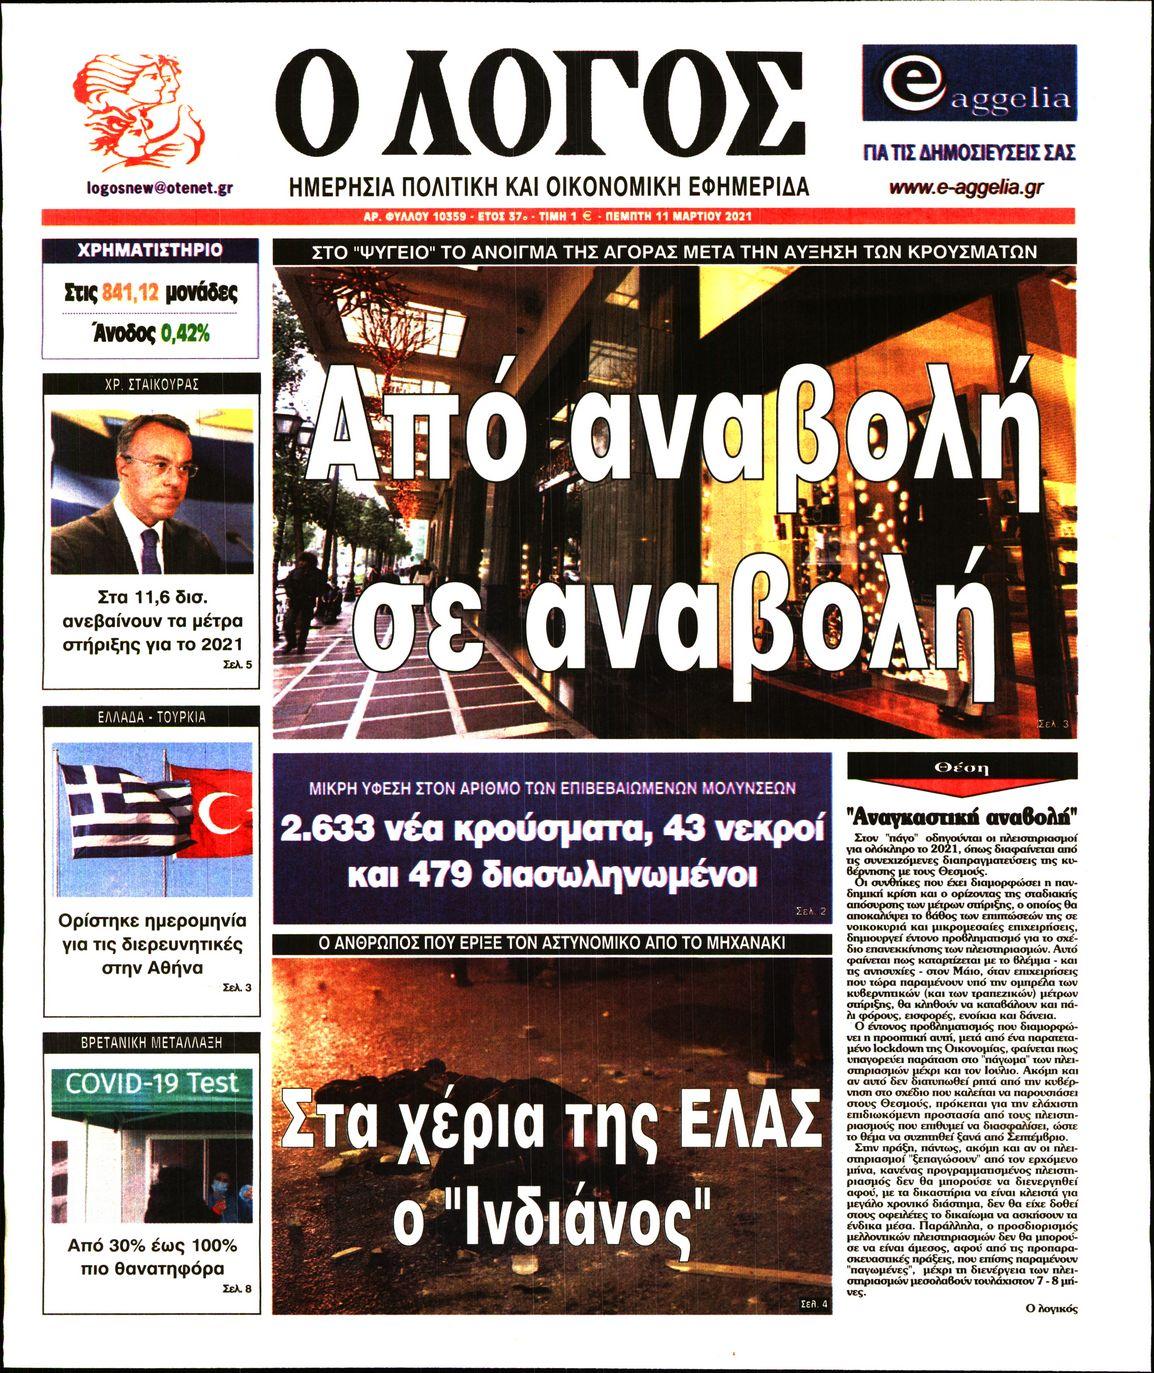 https://www.newsbeast.gr/files/1/newspapers/2021/03/11/27966484_23.jpg?1615443733